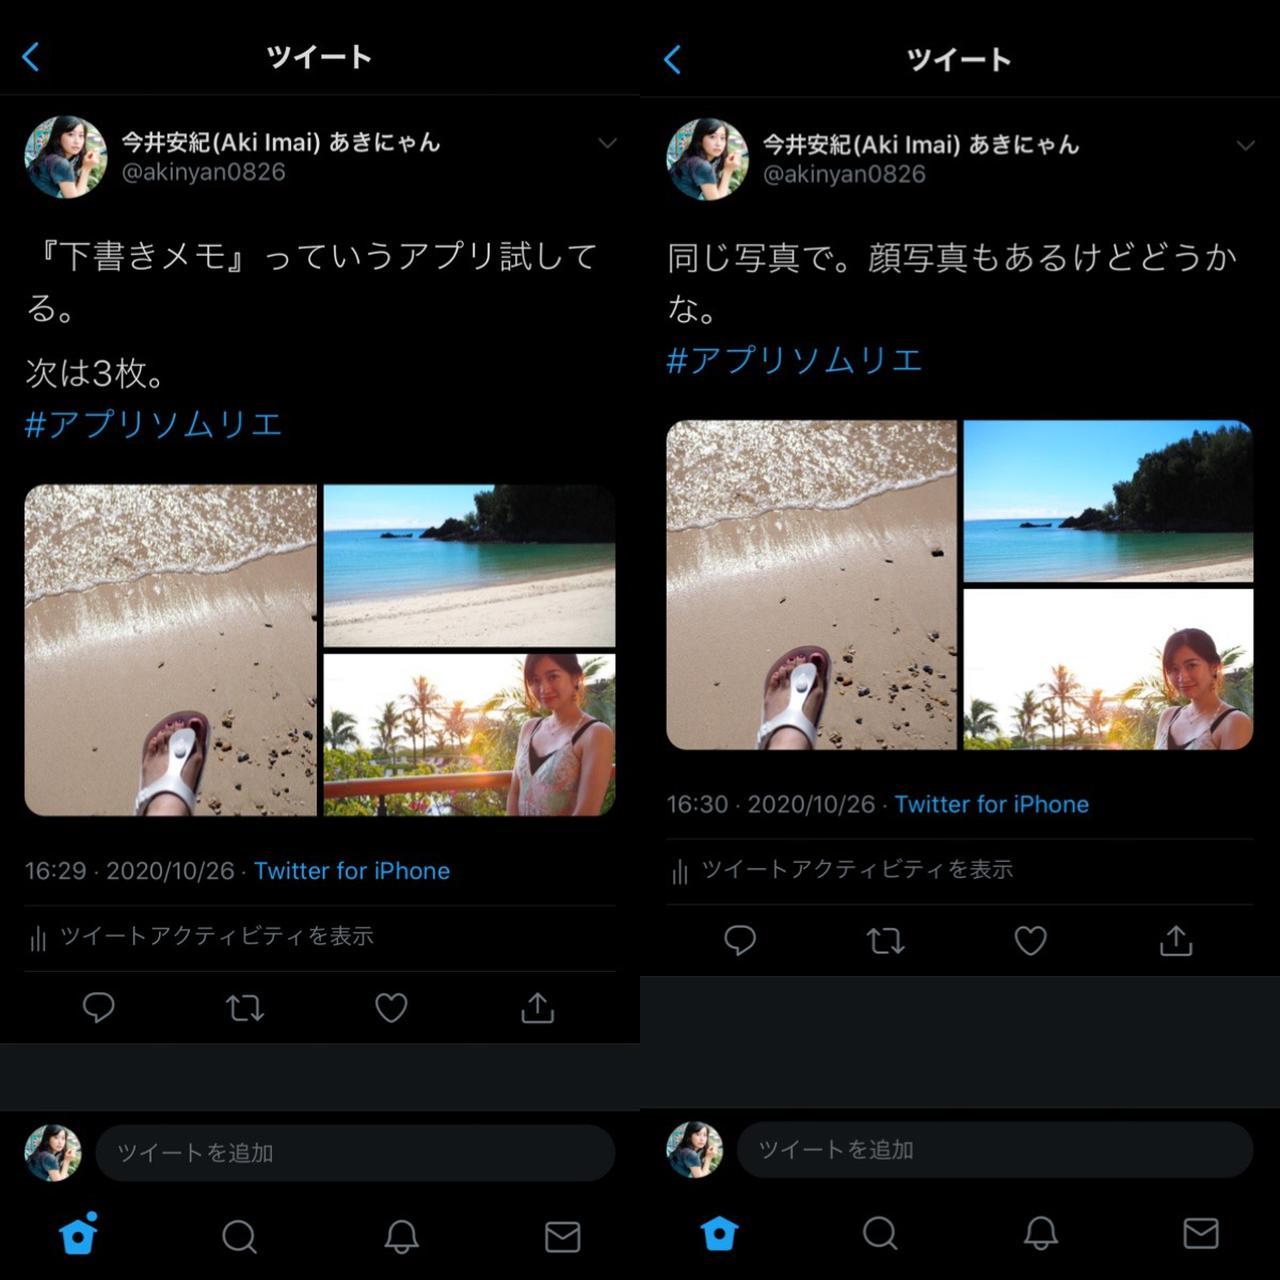 画像4: 画像の枚数ごとにTwitterクライアントで投稿したものと比較してみました。